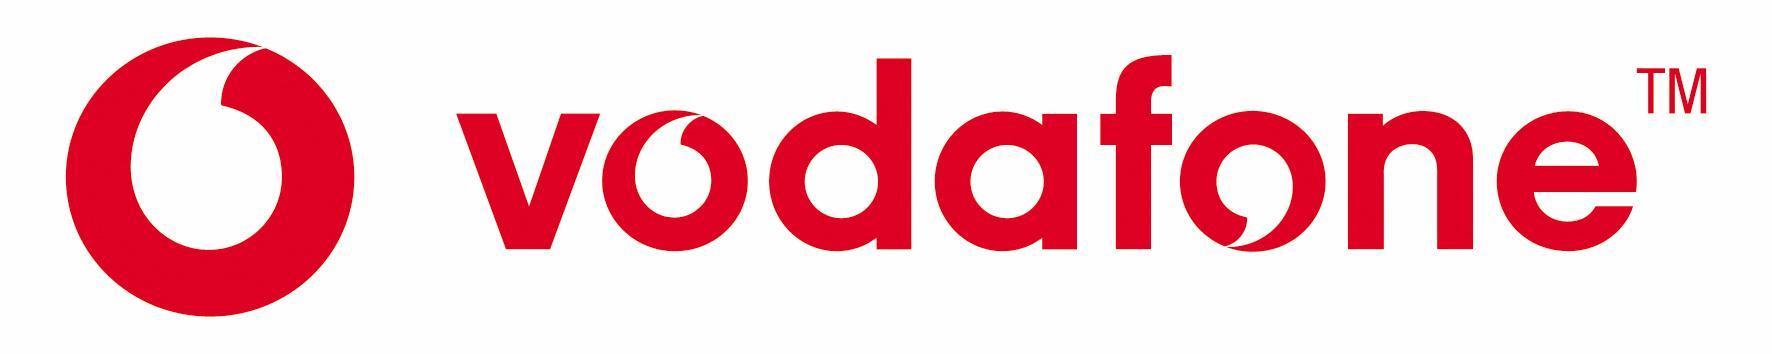 vodafone com: